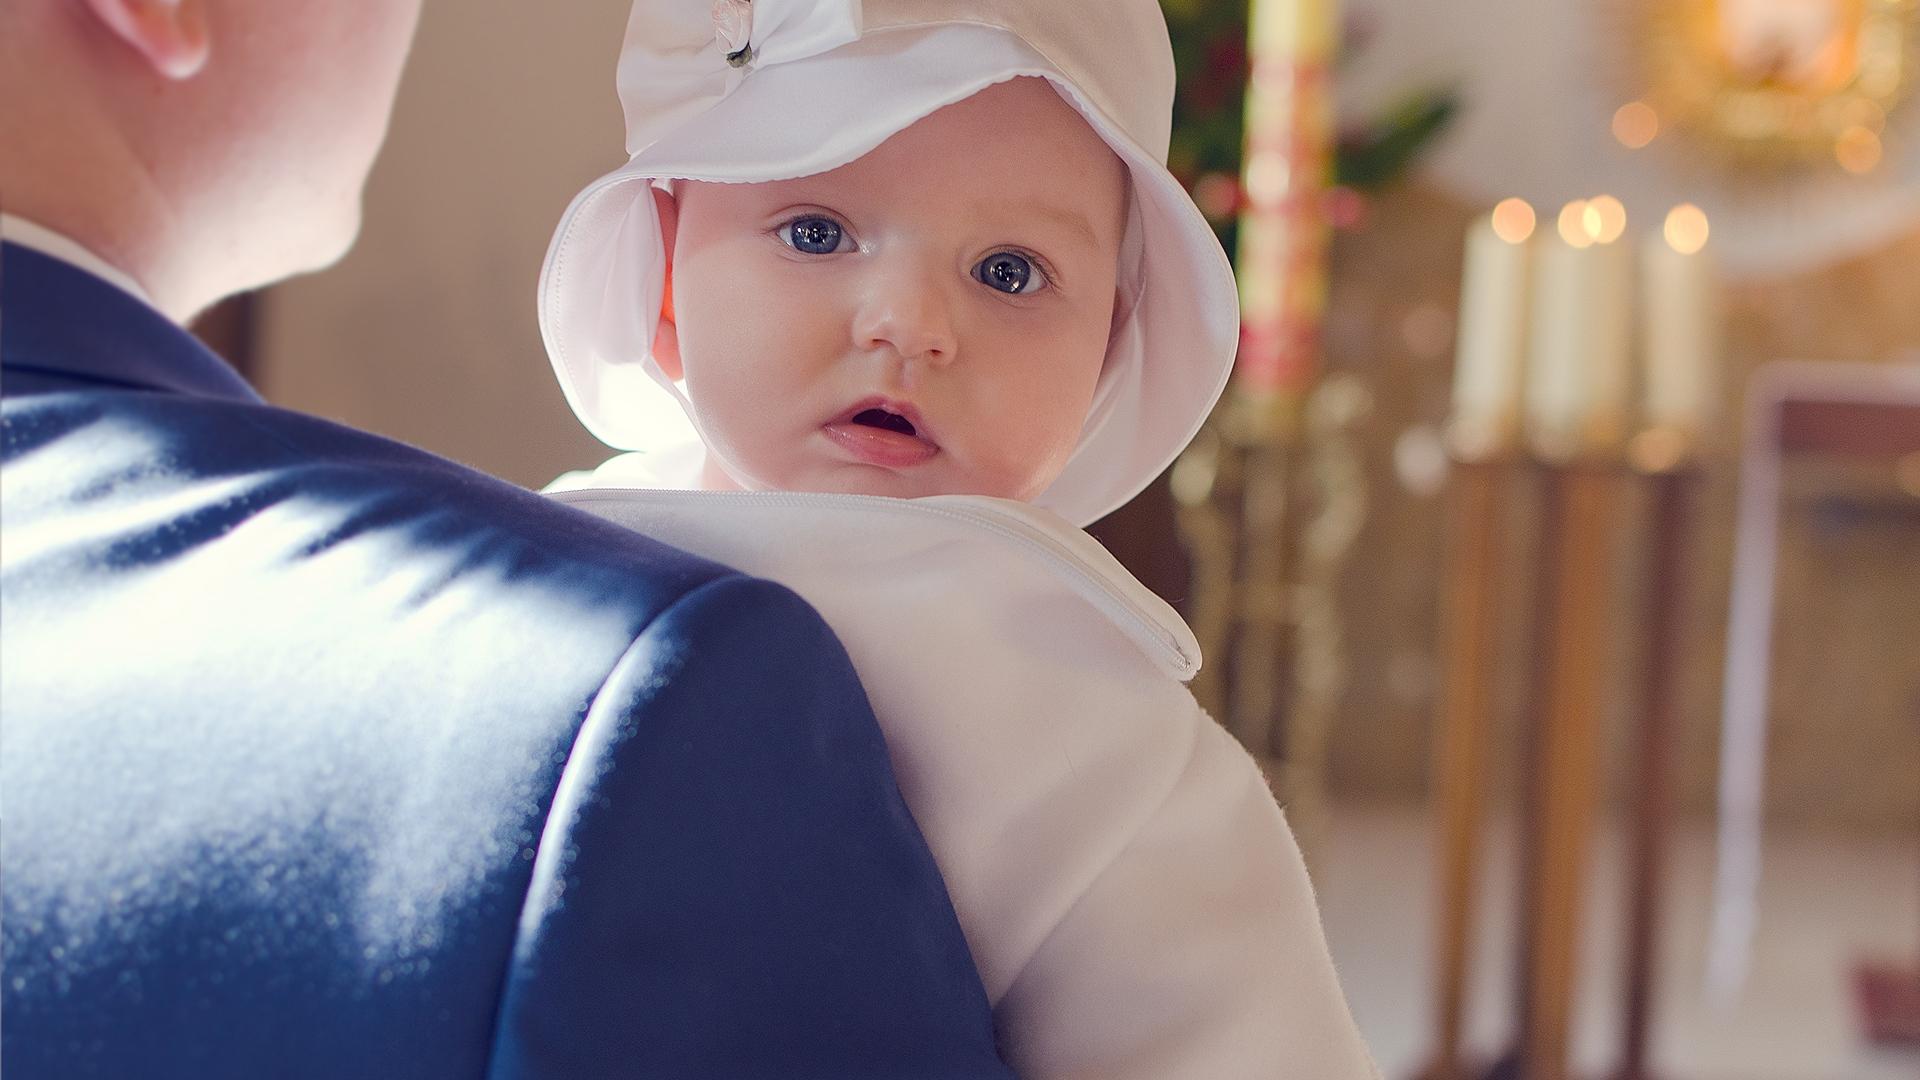 Хрещення - фотографії хрестин. Репортаж з хрещення дитини в Варшаві. Фотограф на хрестини, фотосесії вагітності, новонароджених. Виготовлення фотокниг. Фотограф Варшава, Польща. Фотографую в Польщі.